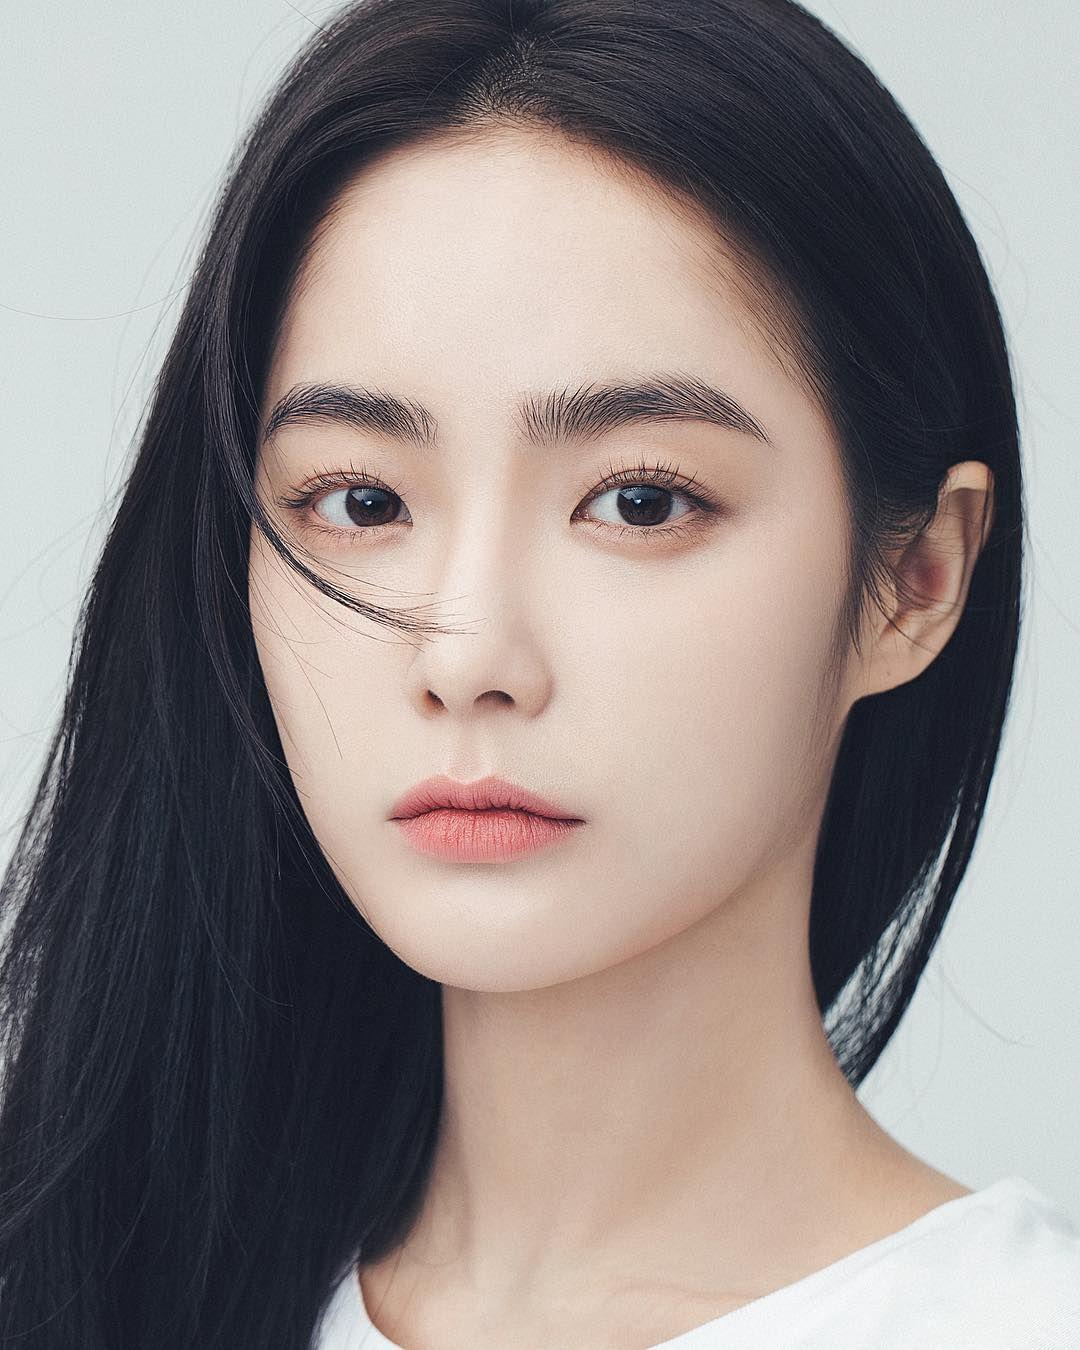 受到韓系彩妝的影響,近年溫柔婉約的平眉、一字眉型成為主流,框出眉型後填色的畫法,工整清爽又能簡單上手,不過,最近歐美